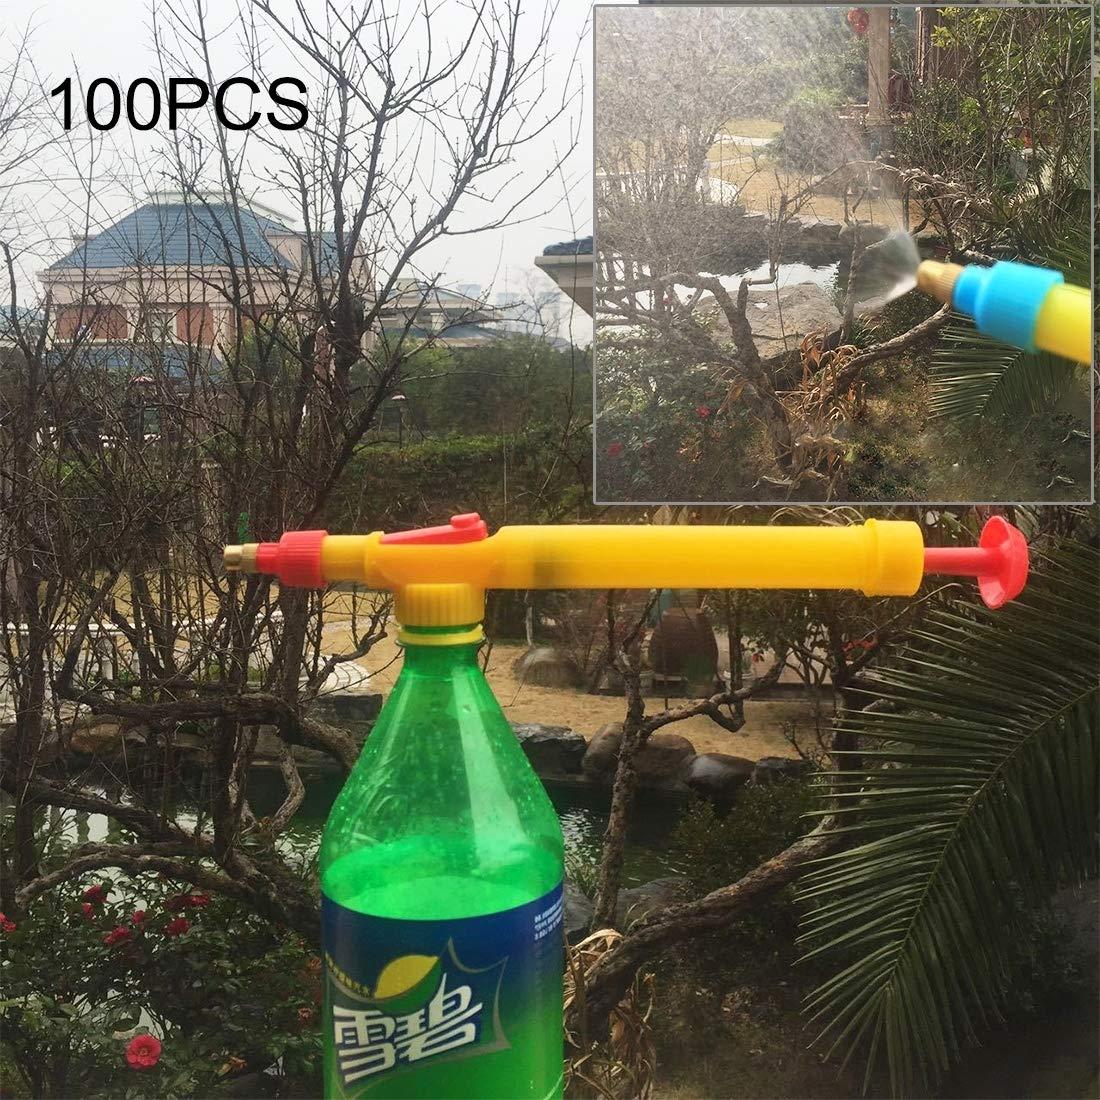 100PCS 高圧 プラスチックボトルドリンク飲料トロリーガンスプレー B07NRKB1VT